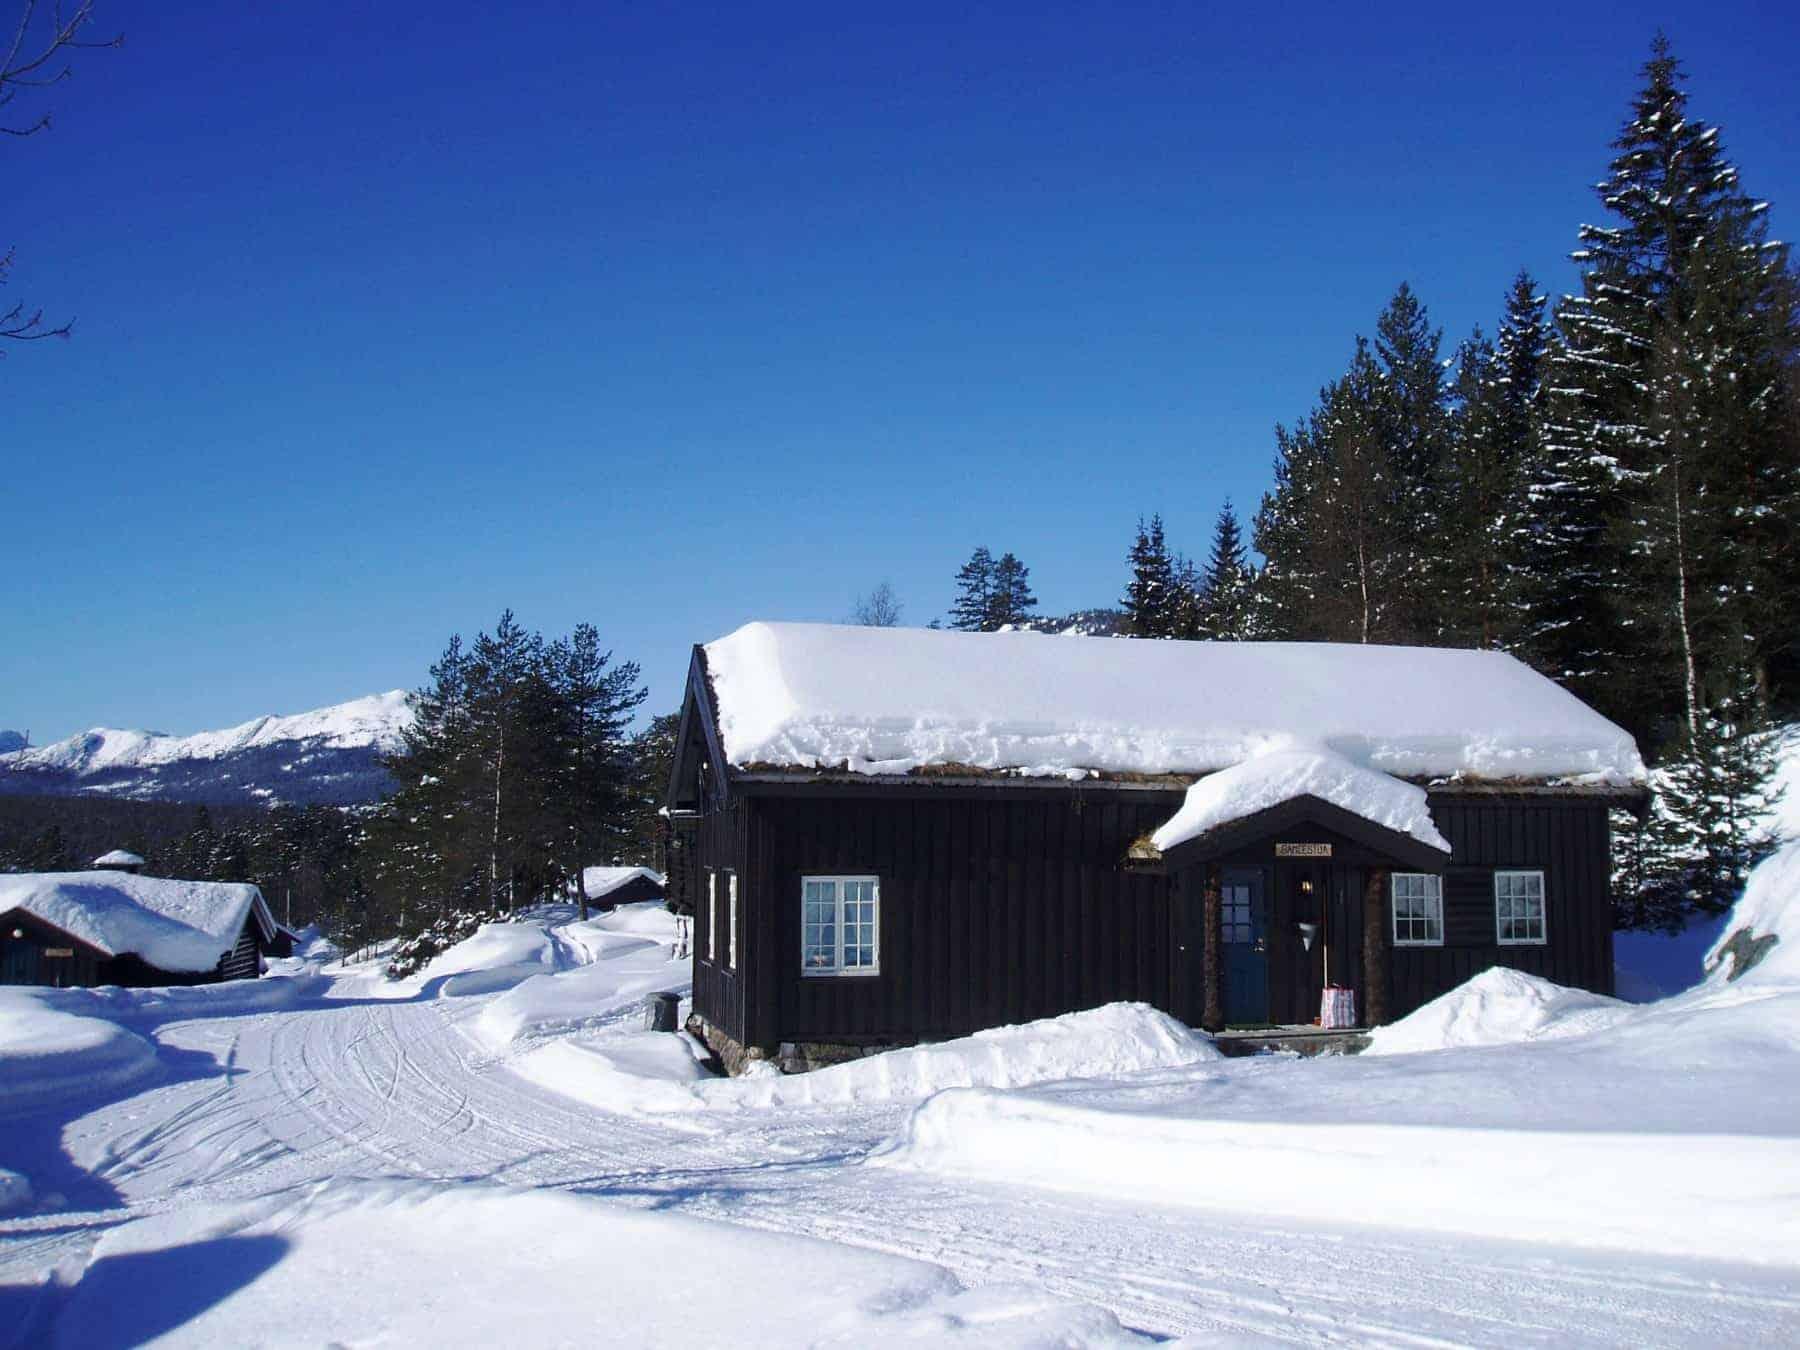 Hogstul Hytter - Opplev norsk natur på sitt beste